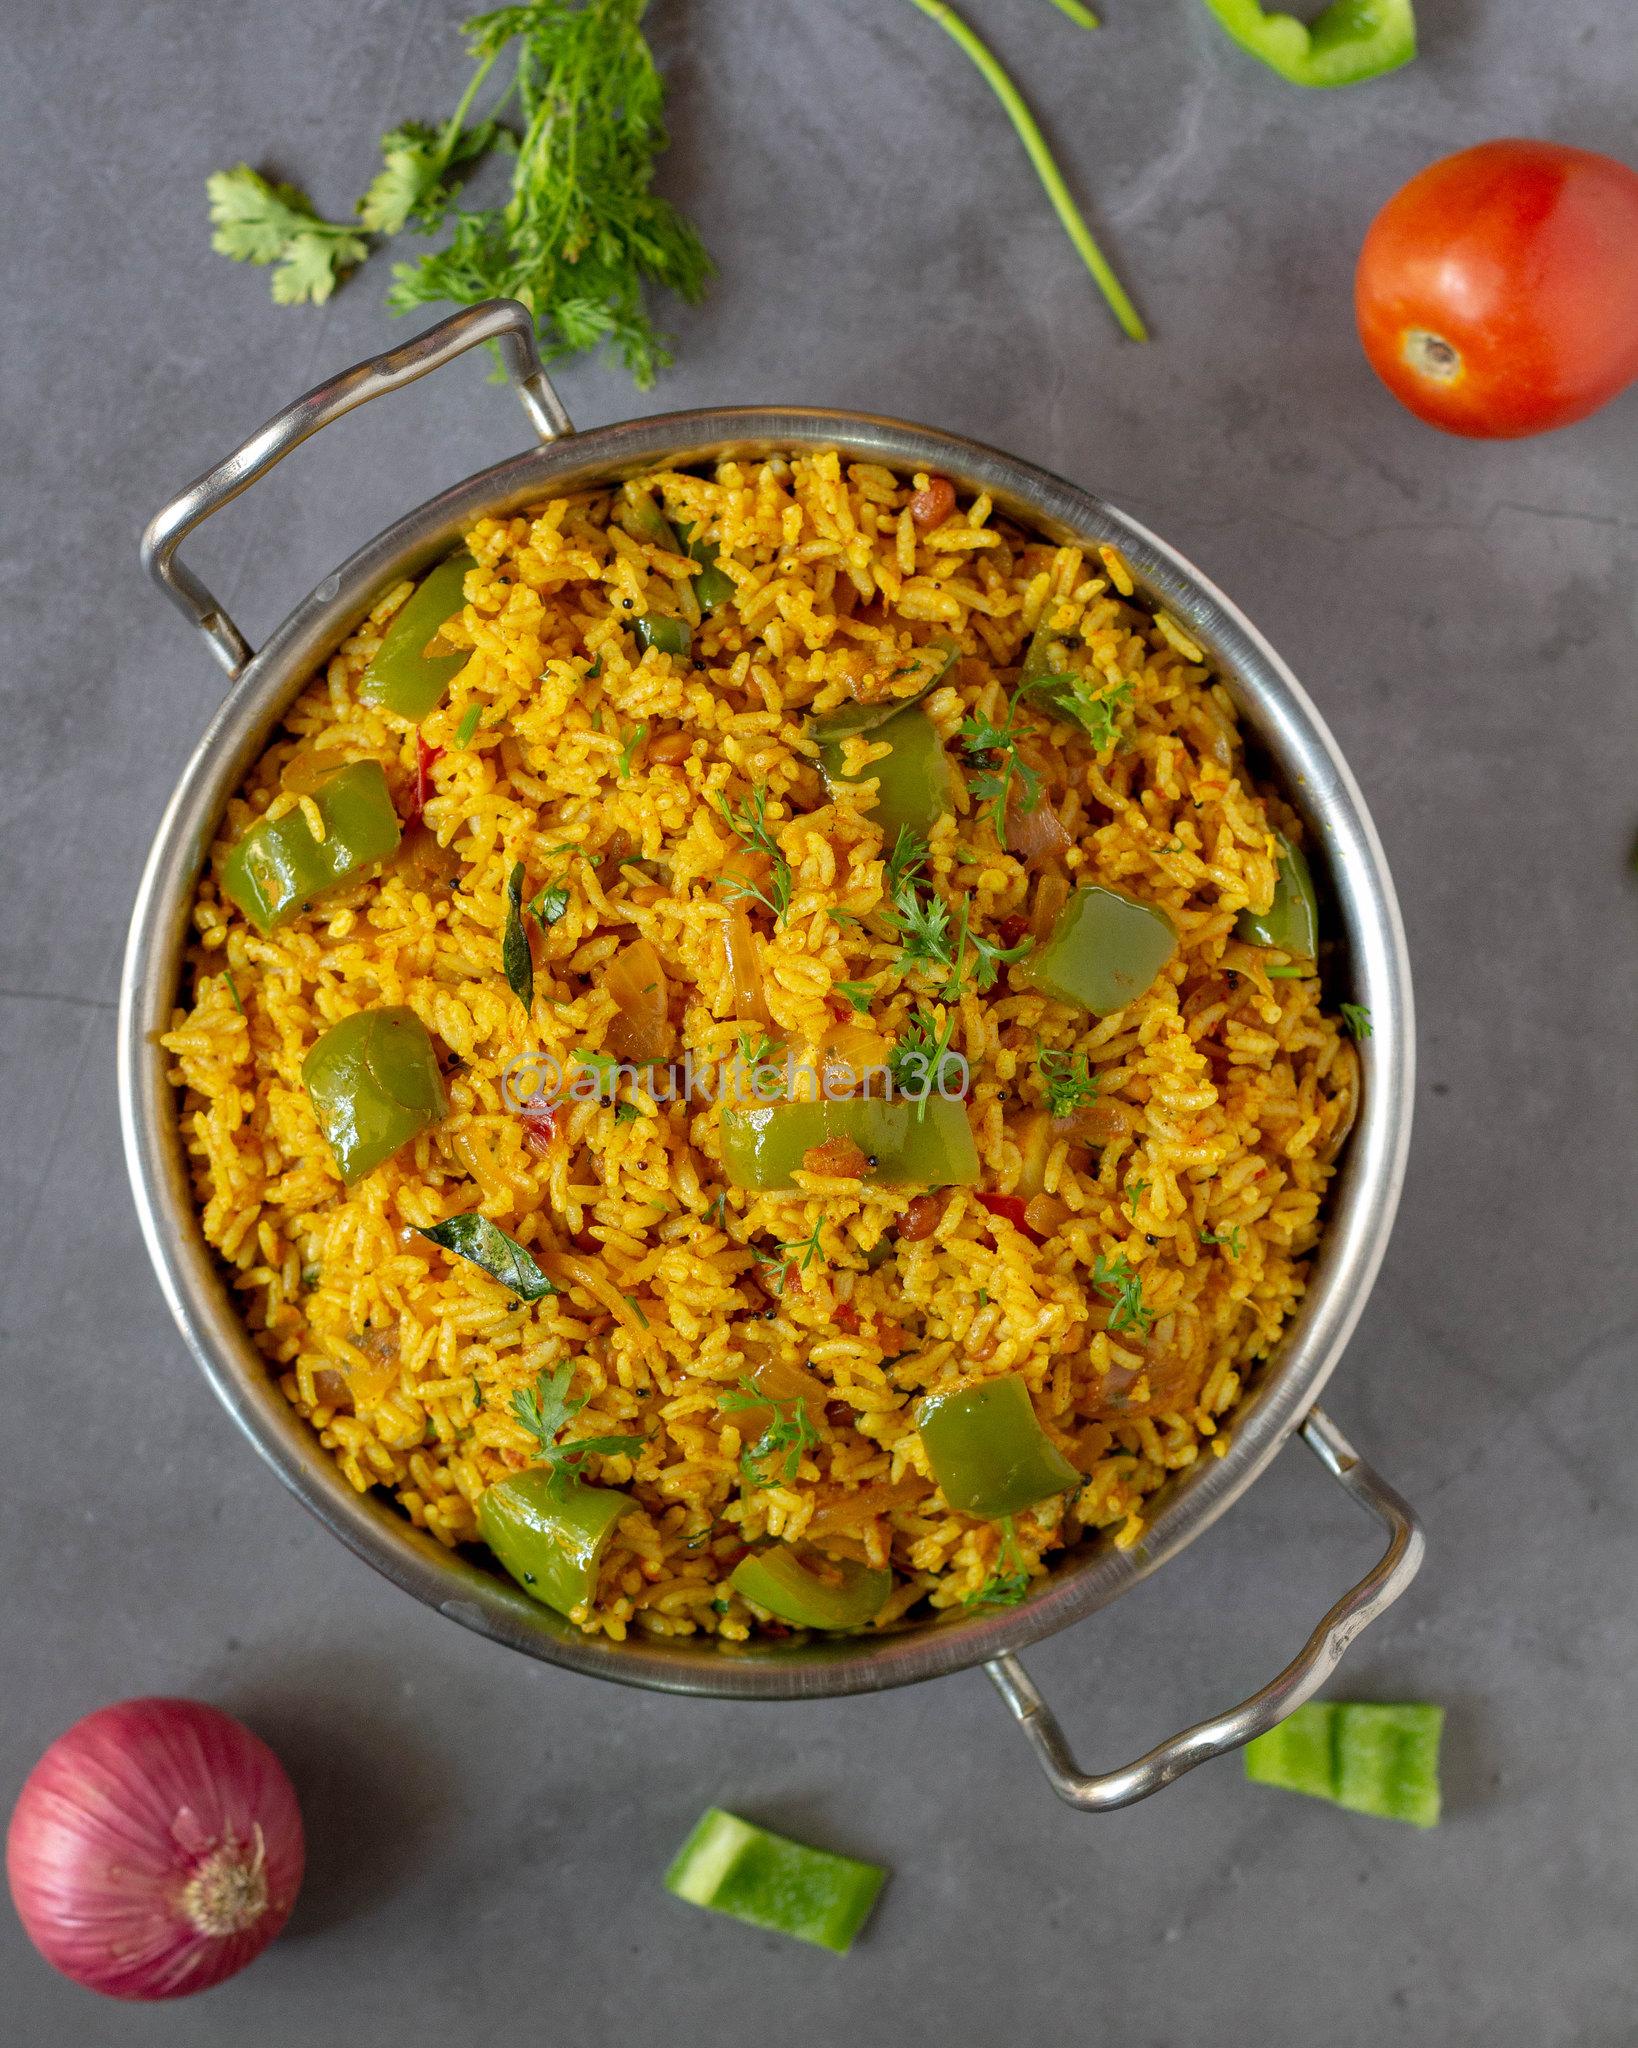 ಕ್ಯಾಪ್ಸಿಕಮ್ ರೈಸ್ | Capsicum Rice